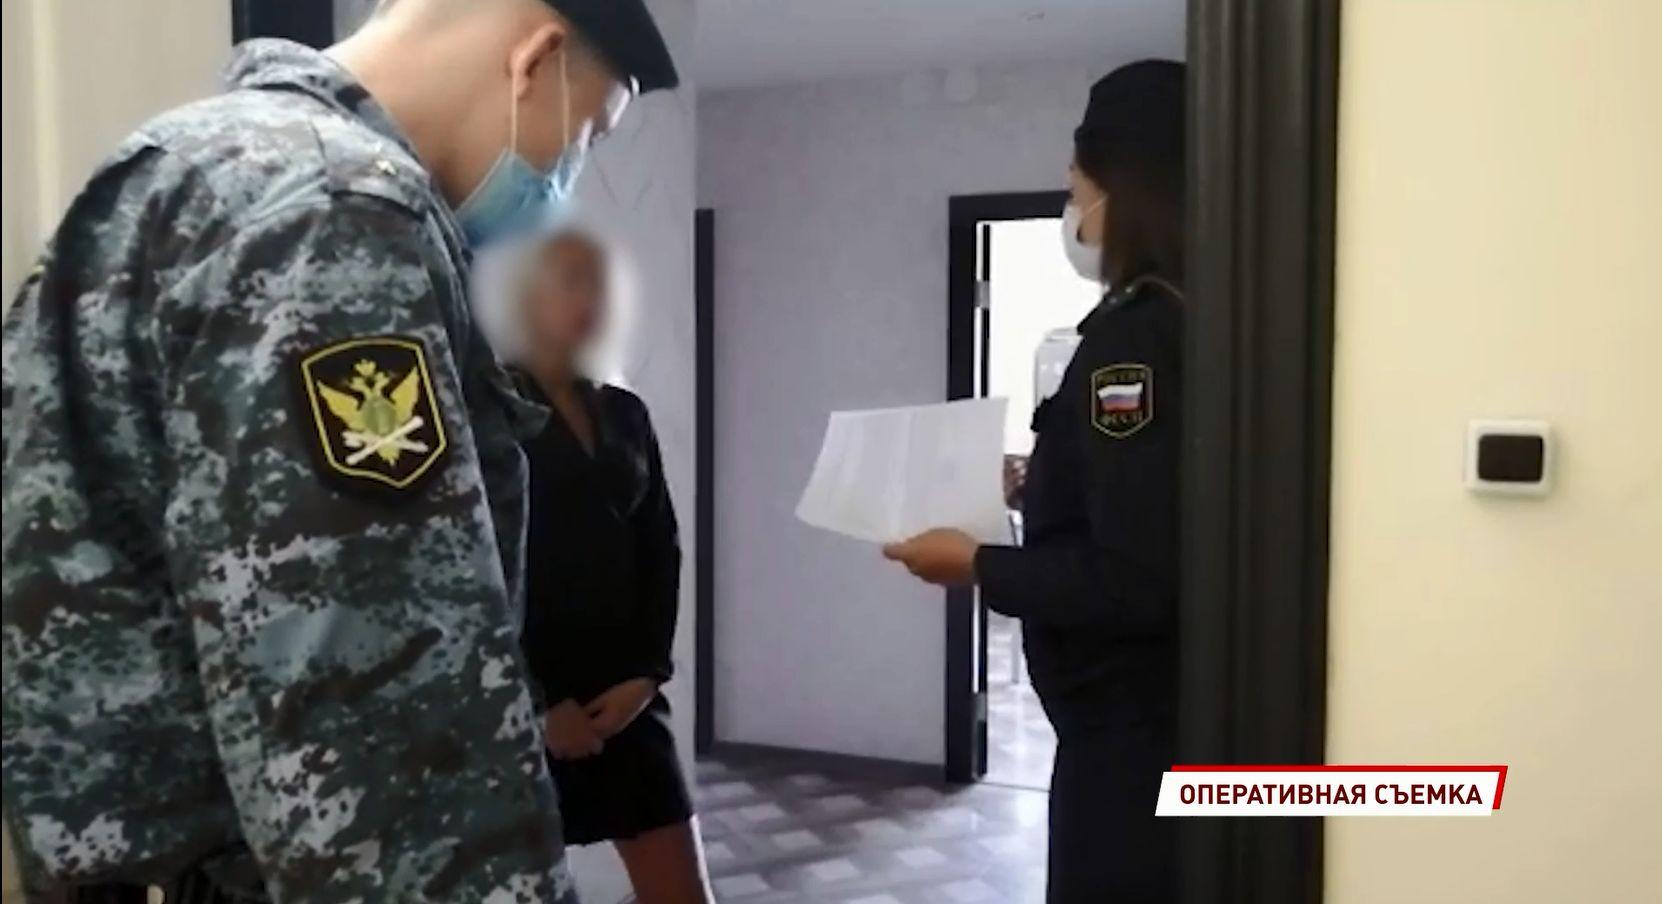 Судебные приставы спасают жителей ярославской многоэтажки от очередного потопа из квартиры соседки